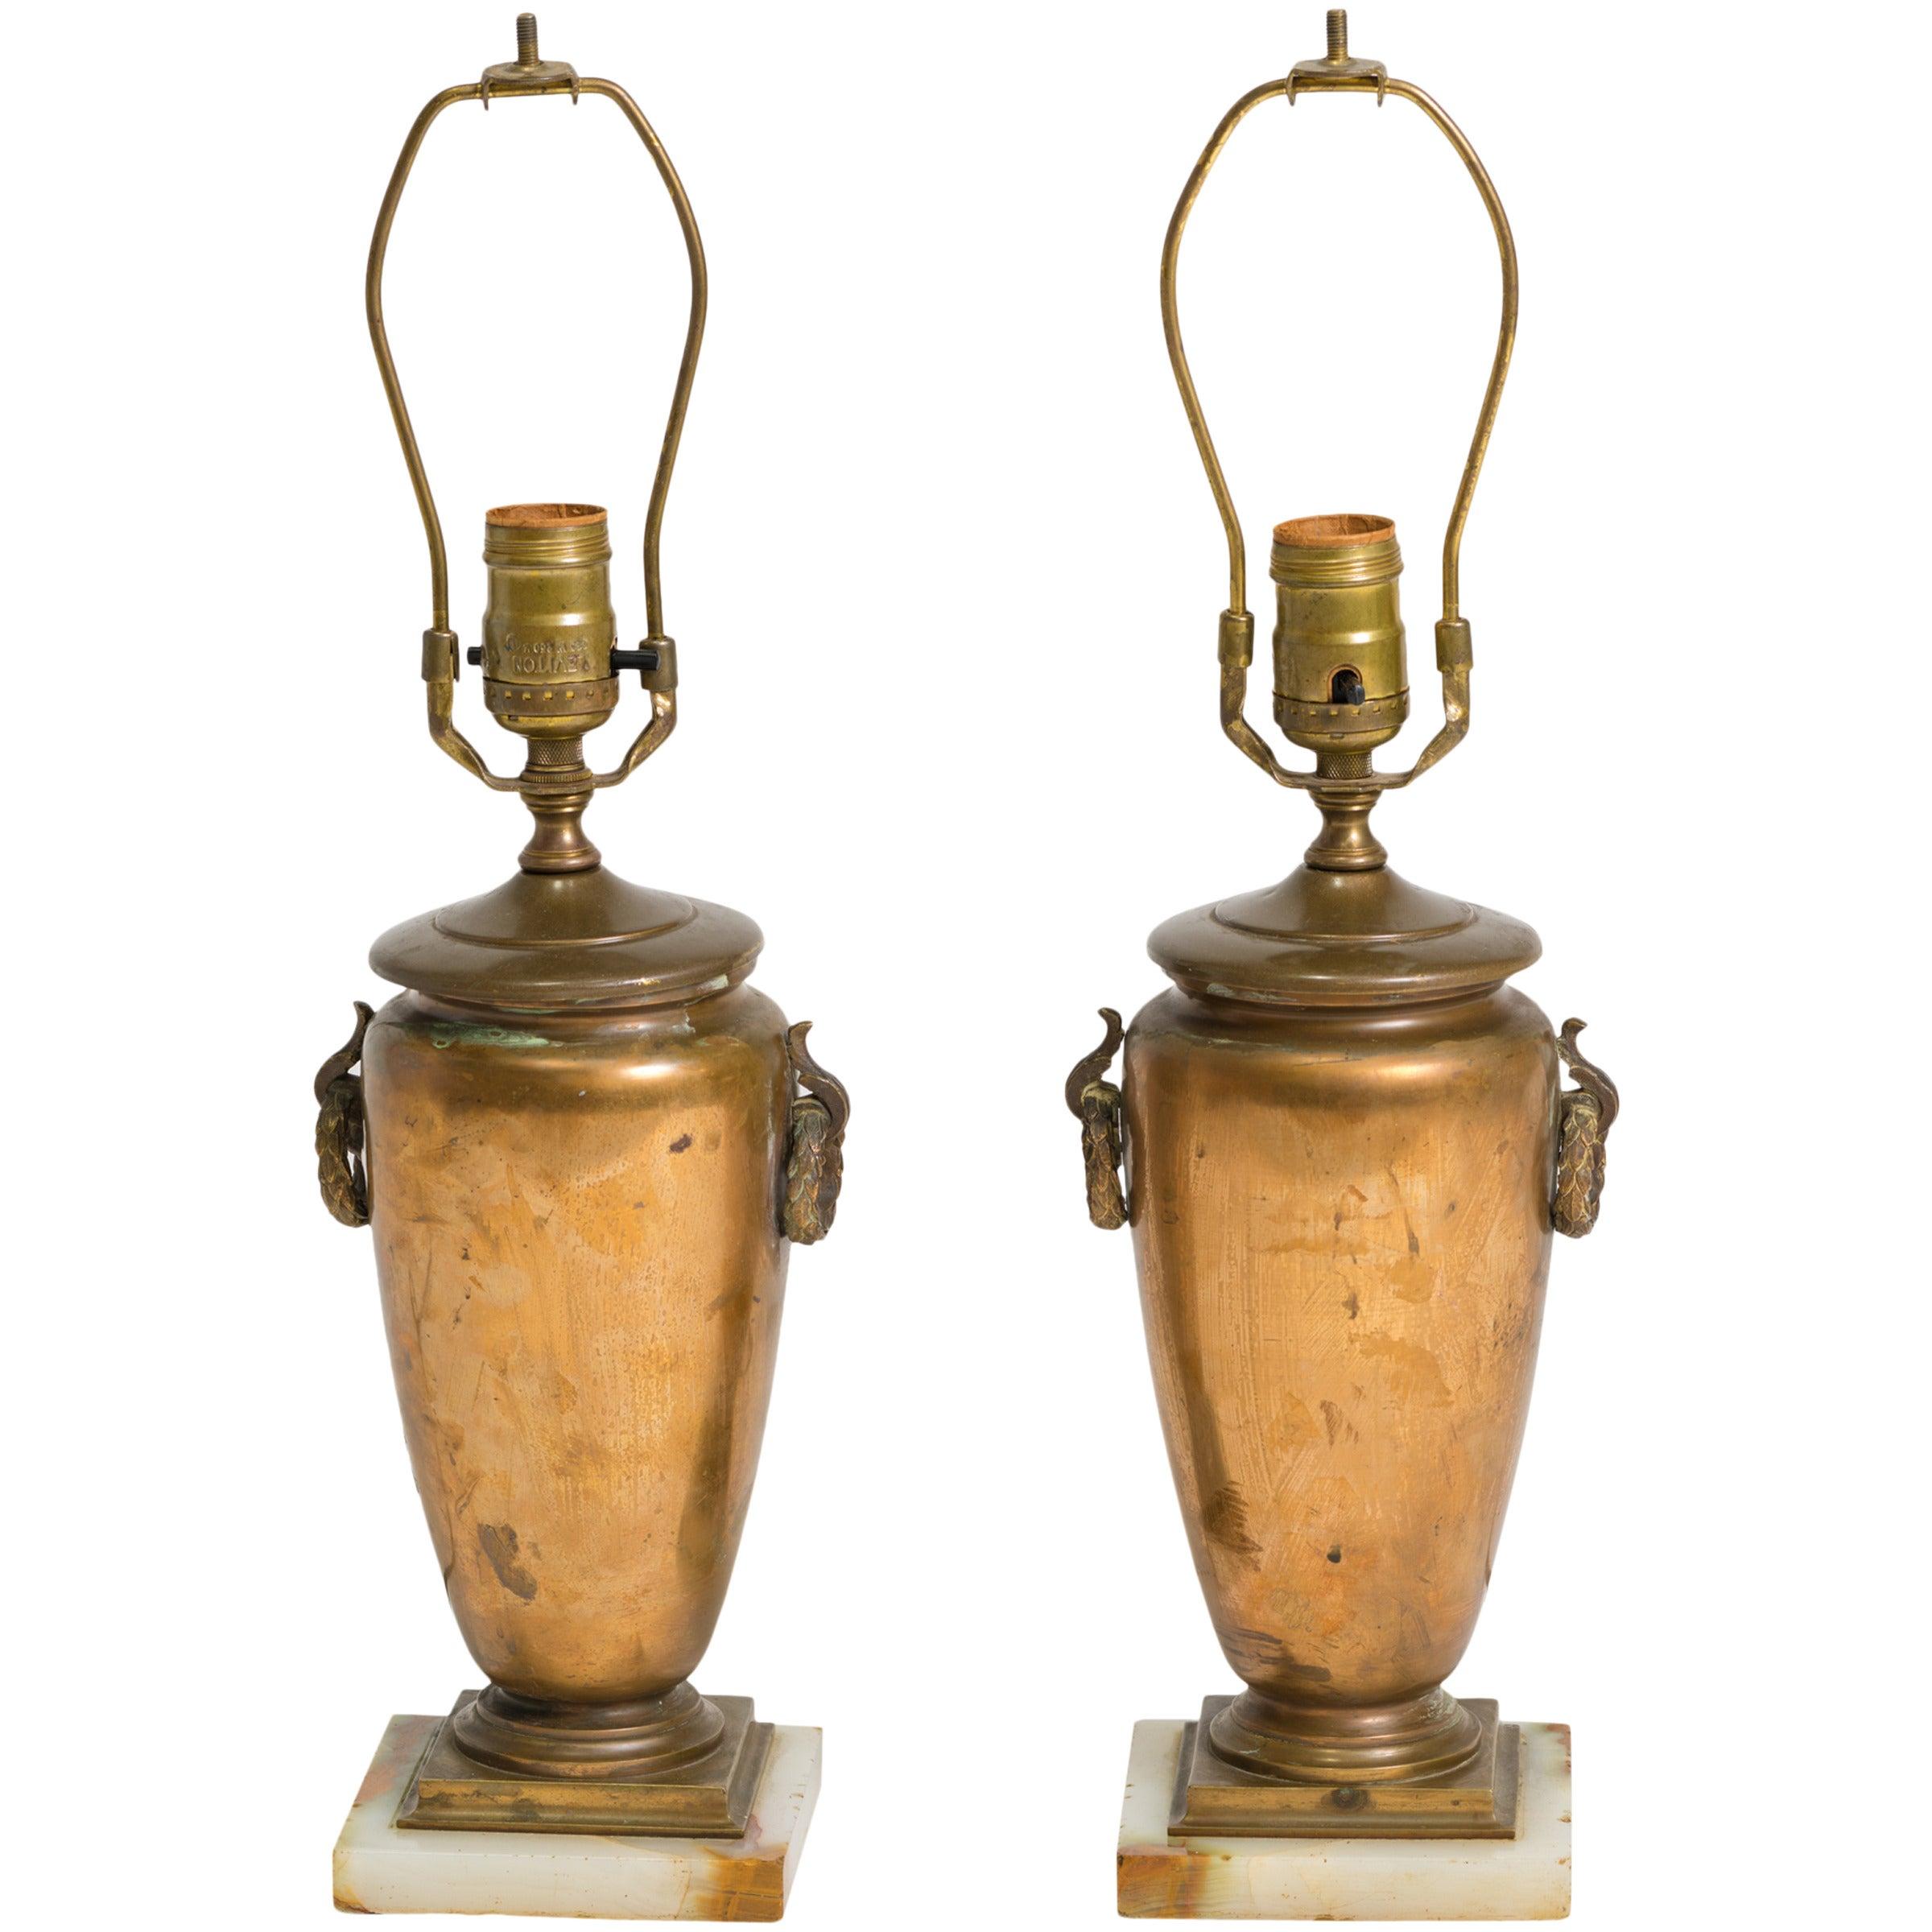 Pair of Classical Bronze Urn Lamps